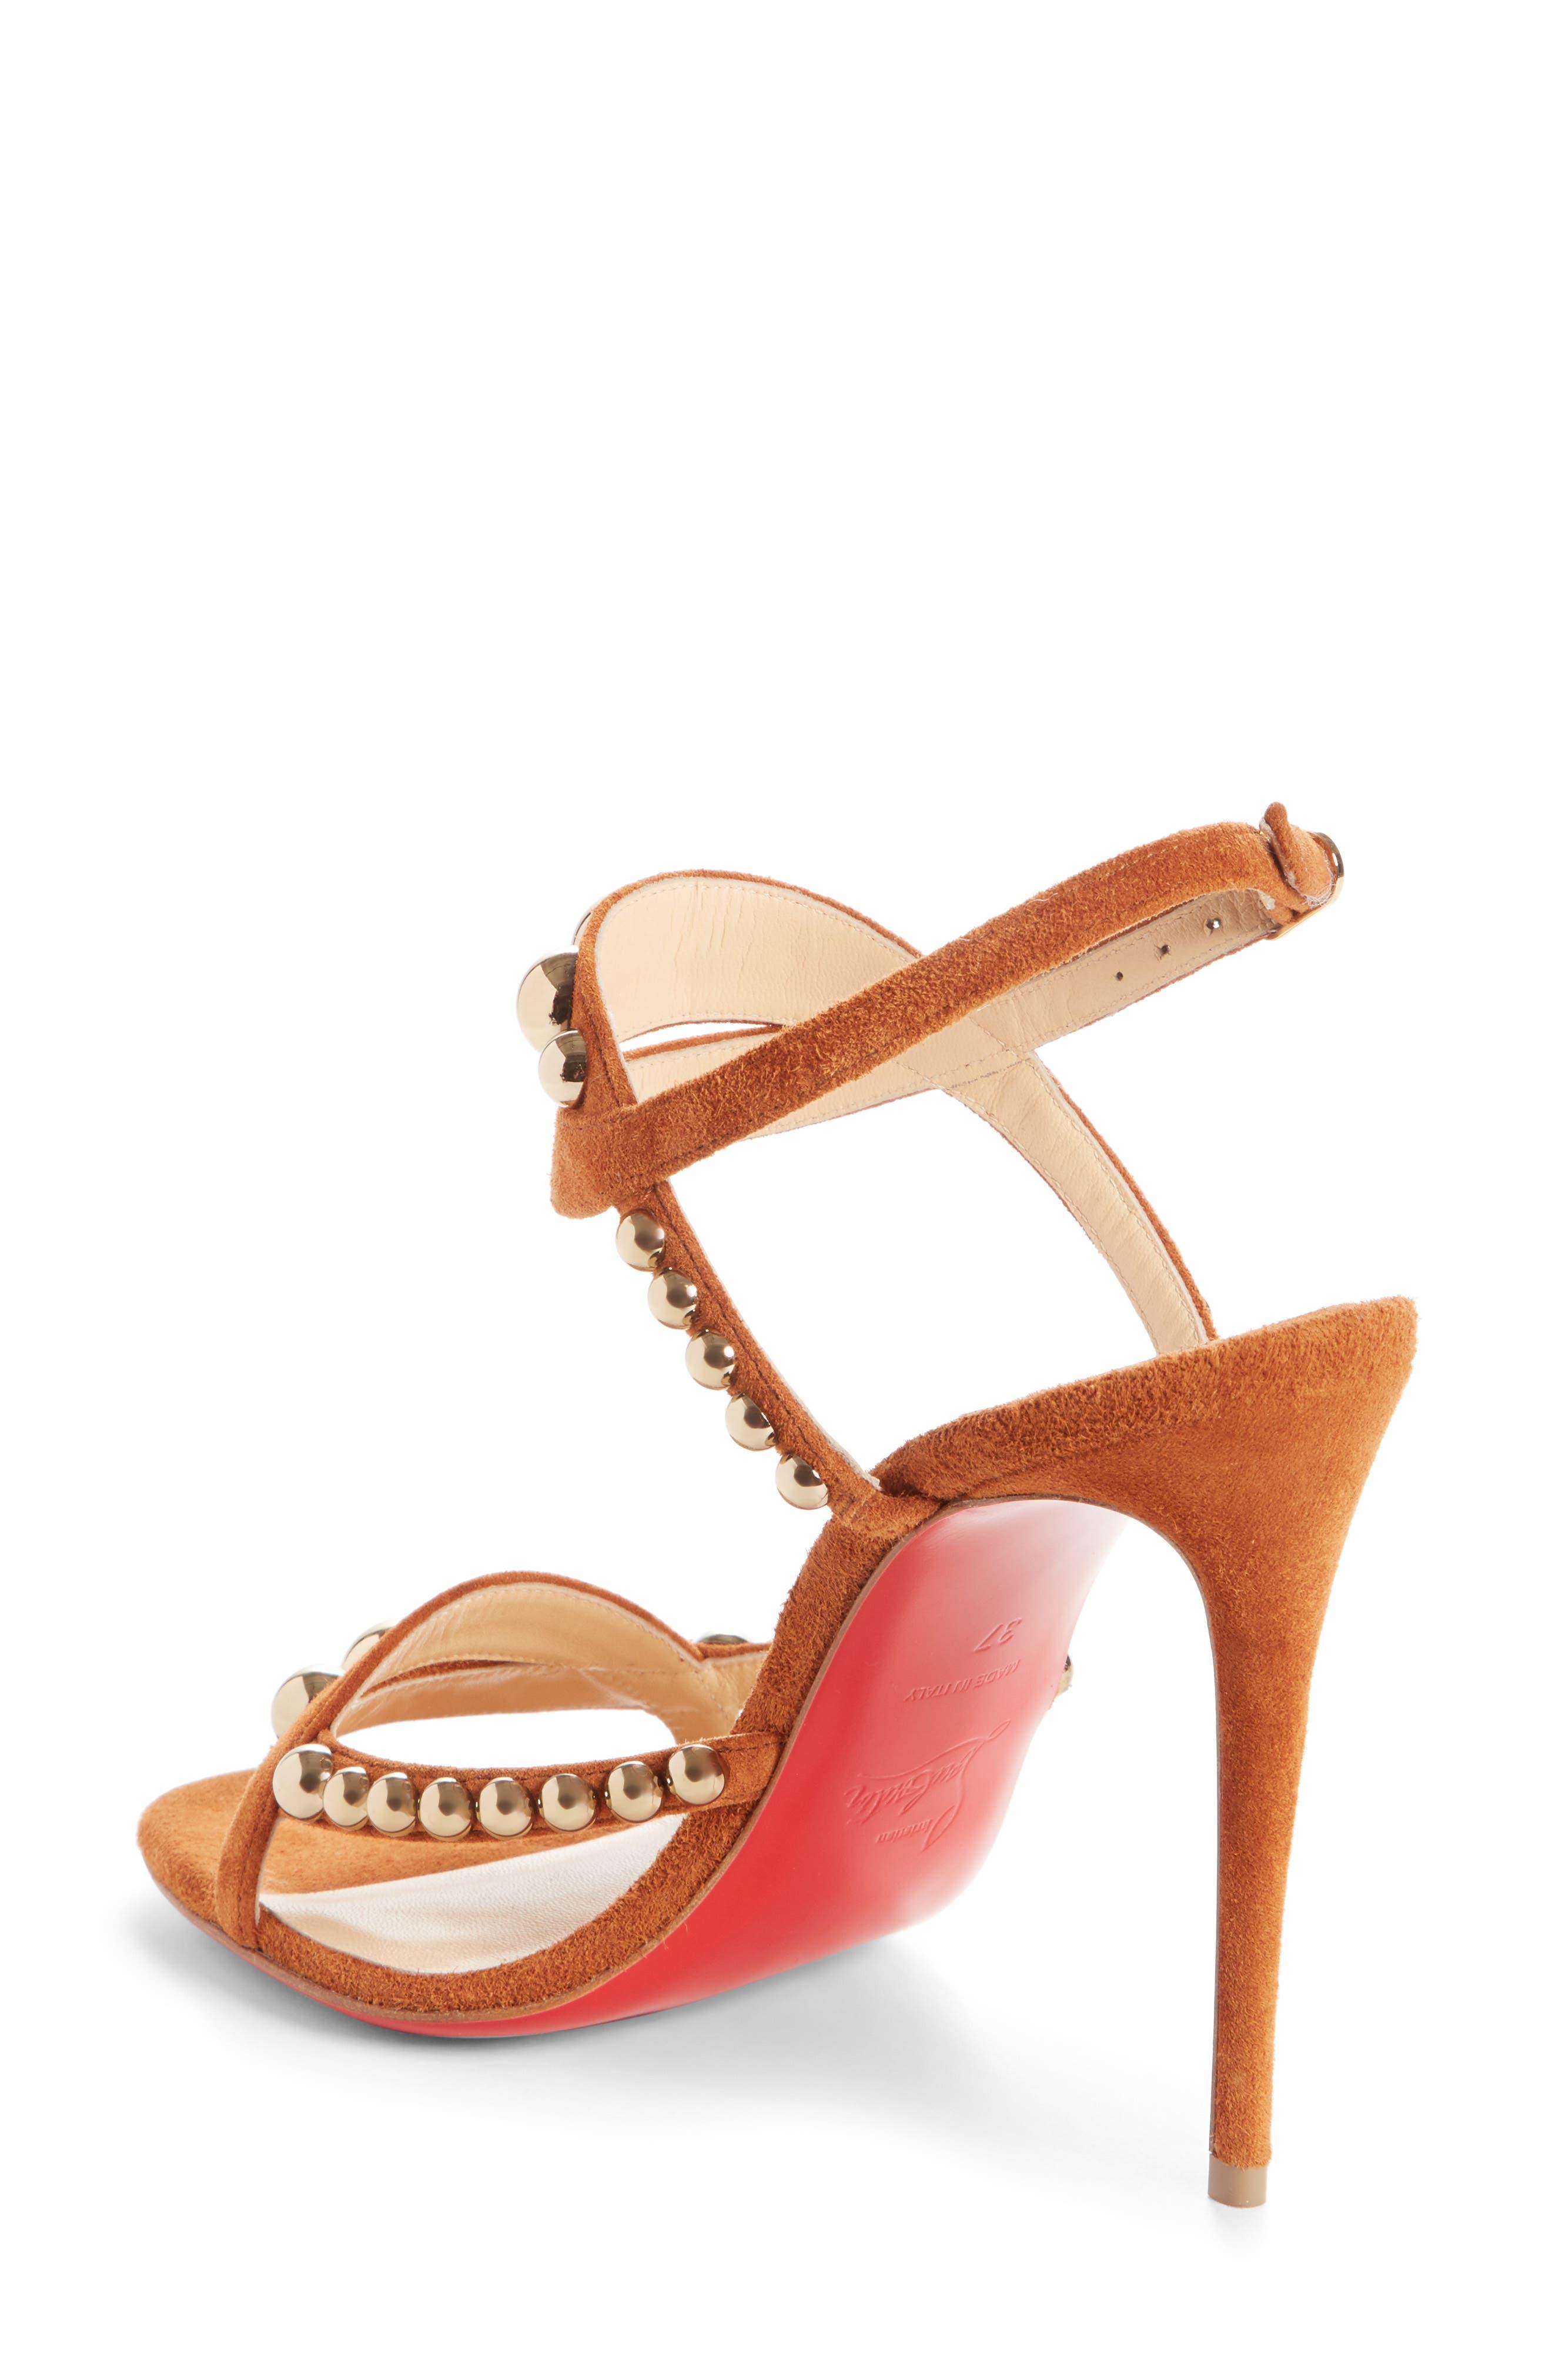 Galeria Ornament Sandal,                             Alternate thumbnail 2, color,                             Cannelle/ Bronze